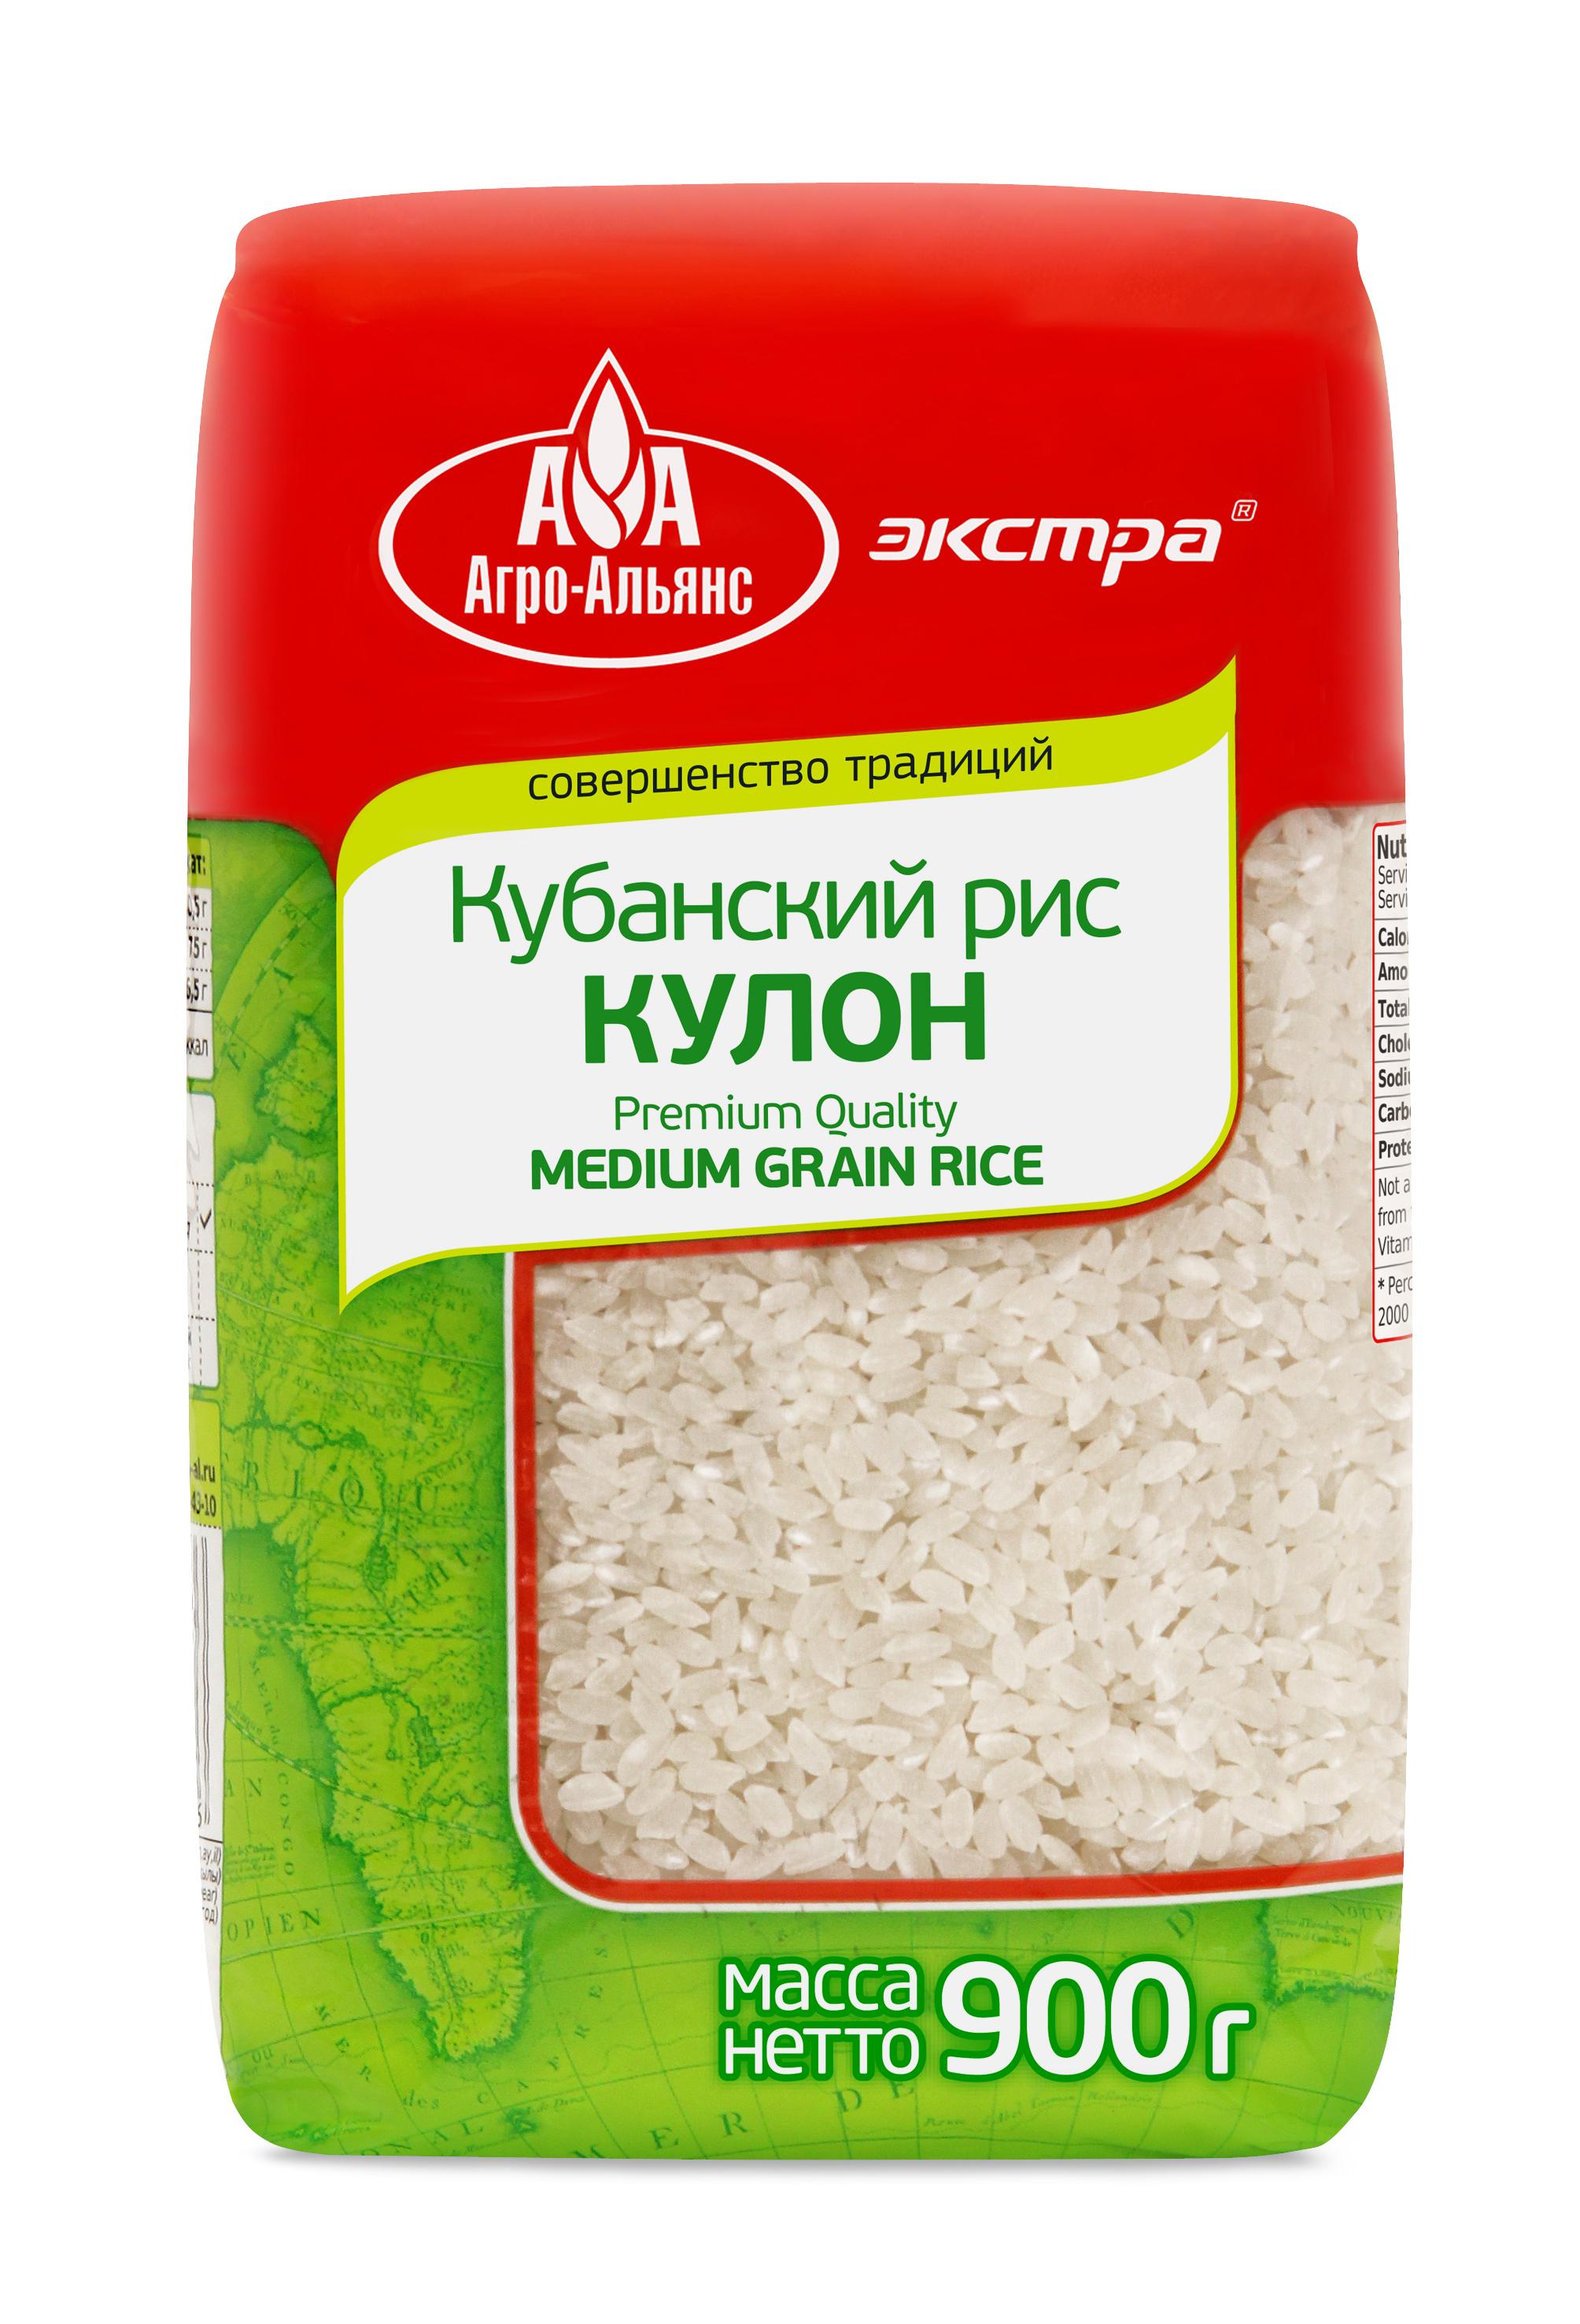 Рис Агро-Альянс Кубанский Кулон Экстра, 900 г агро альянс каскад рис пропаренный золотой 900 г